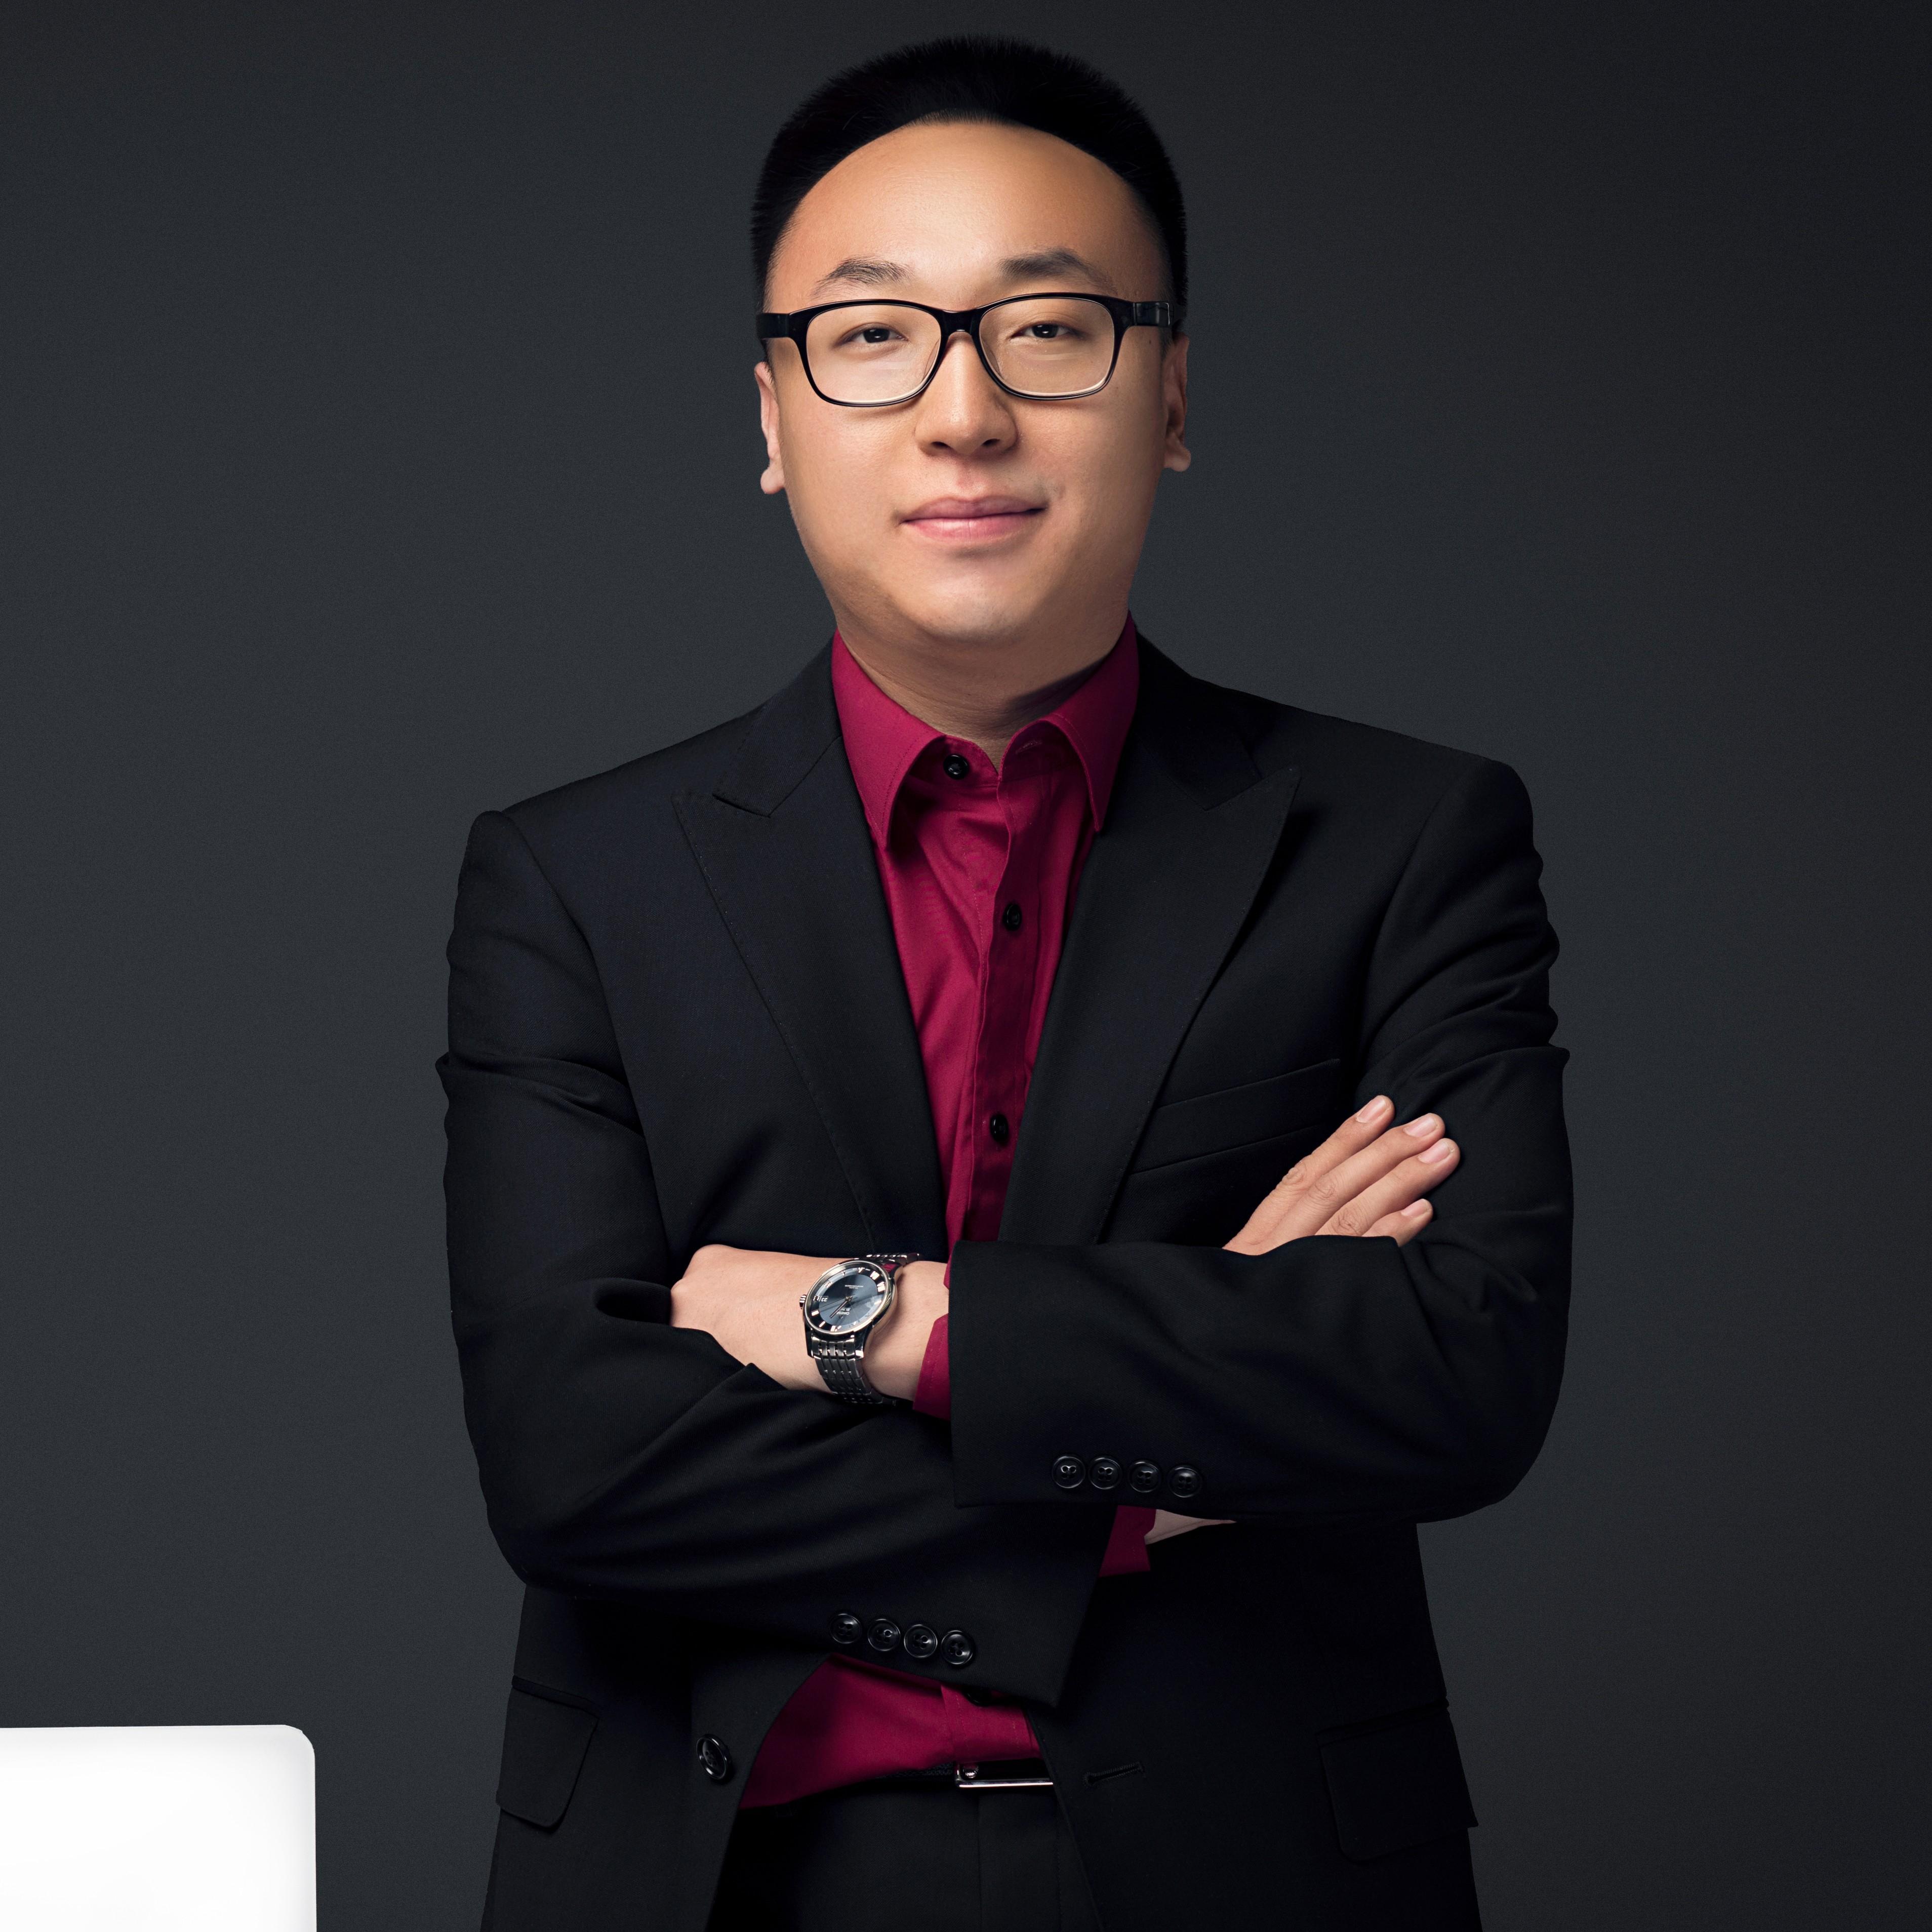 优依科技CEO田西均照片